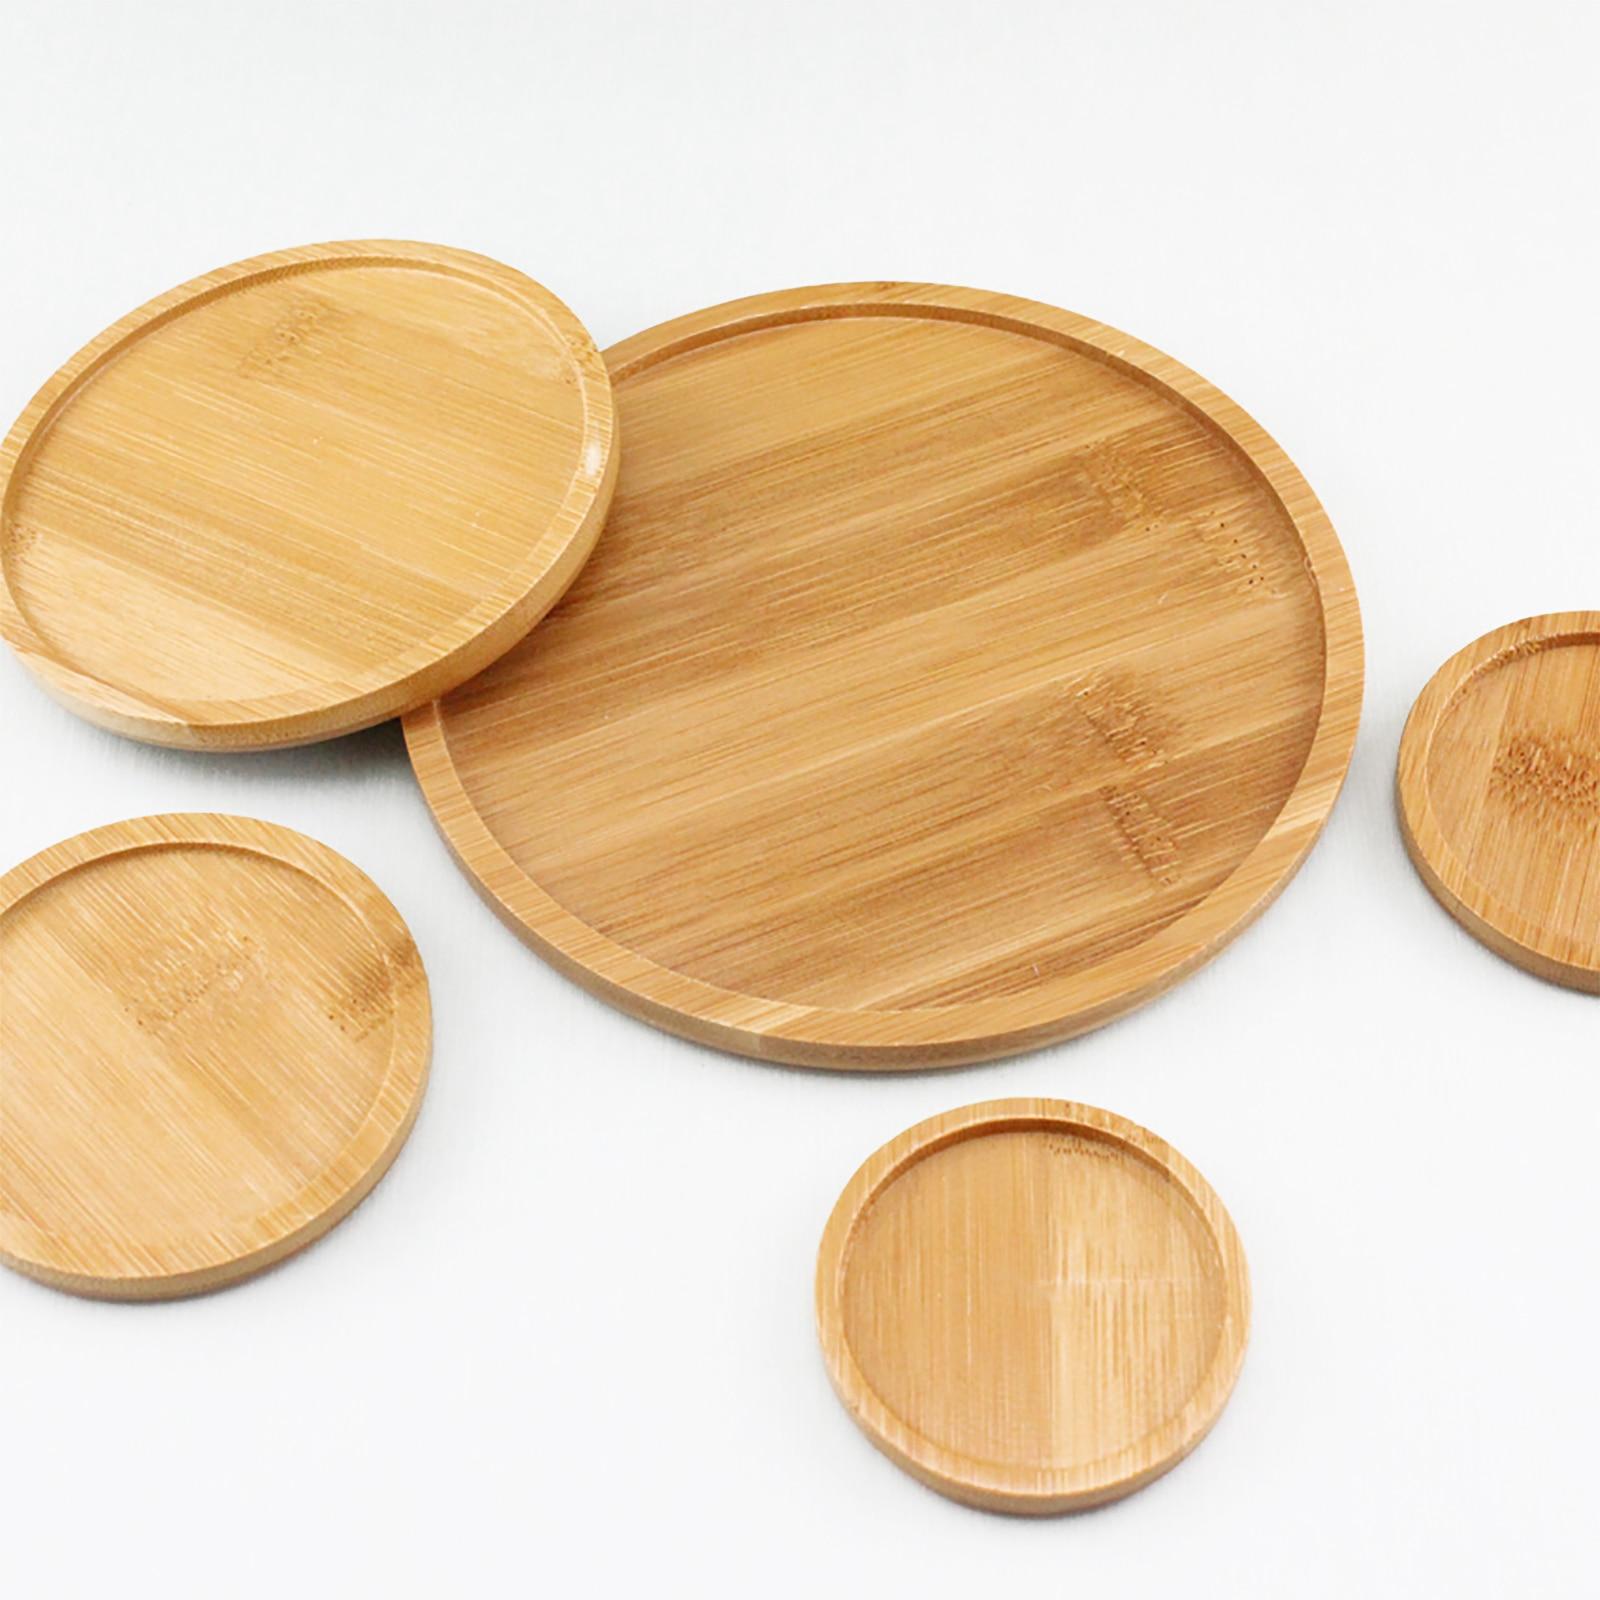 Растение горшок блюдце лоток бамбук лоток круглый квадрат цветок контейнер стол чай набор бамбук тарелка сад креатив растение подставка